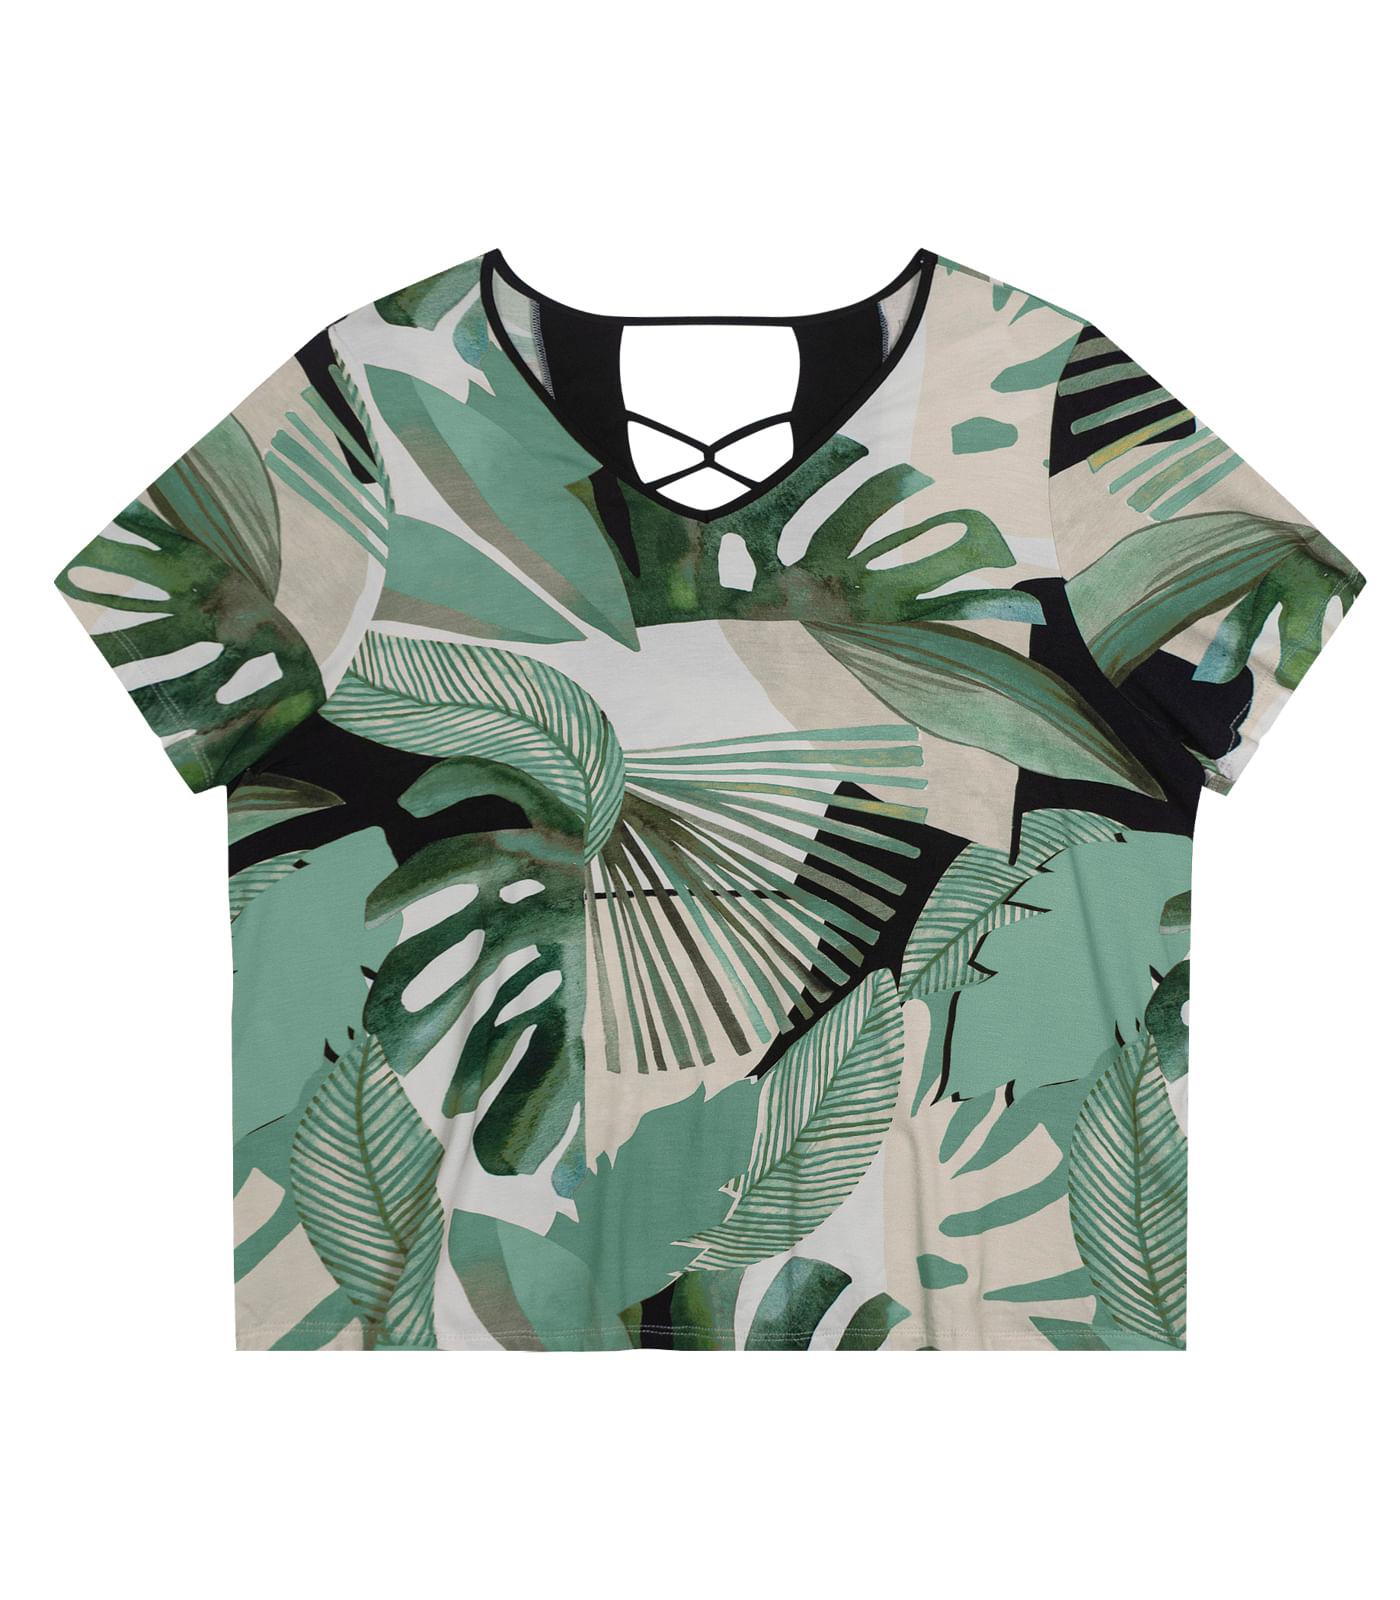 Blusa-Feminina-Plus-Size-Estampada-Secret-Glam-Verde